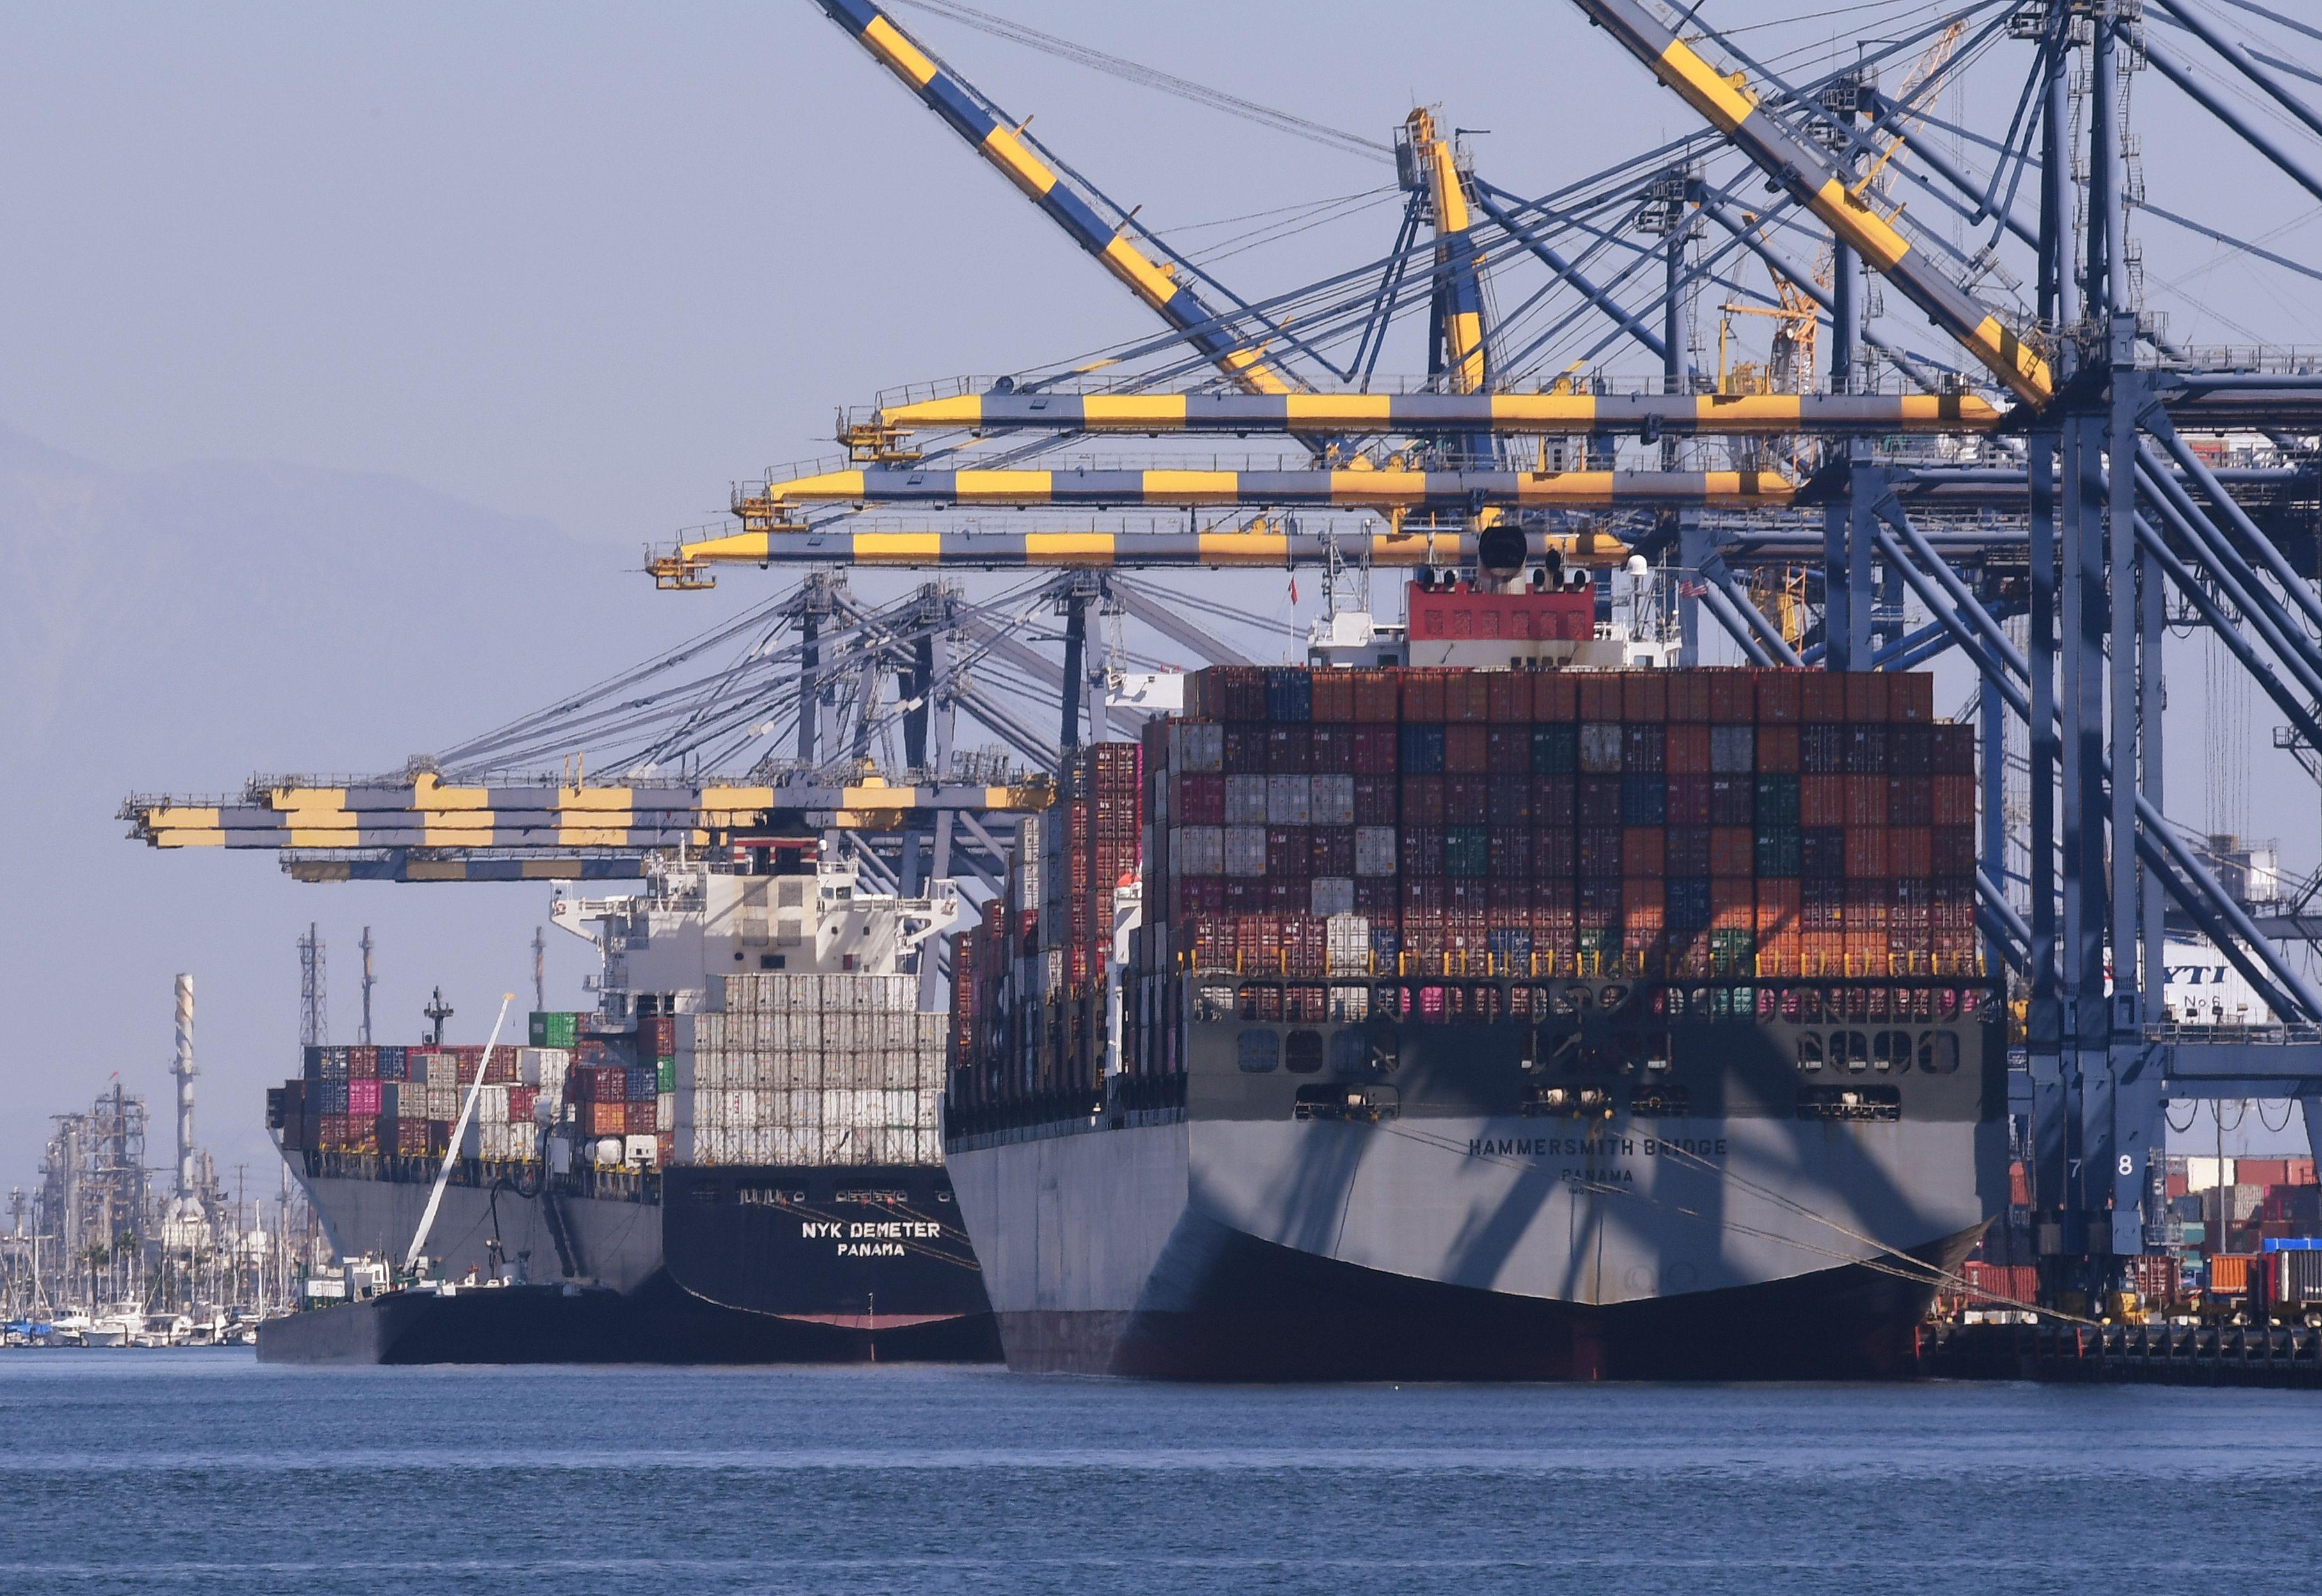 專家分析,美國對中國商品採取關稅措施,對中國市場的影響較大,並預測這是一場長期戰,特朗普政府的目的是要改變中共經貿體制。(MARK RALSTON/AFP/Getty Images)